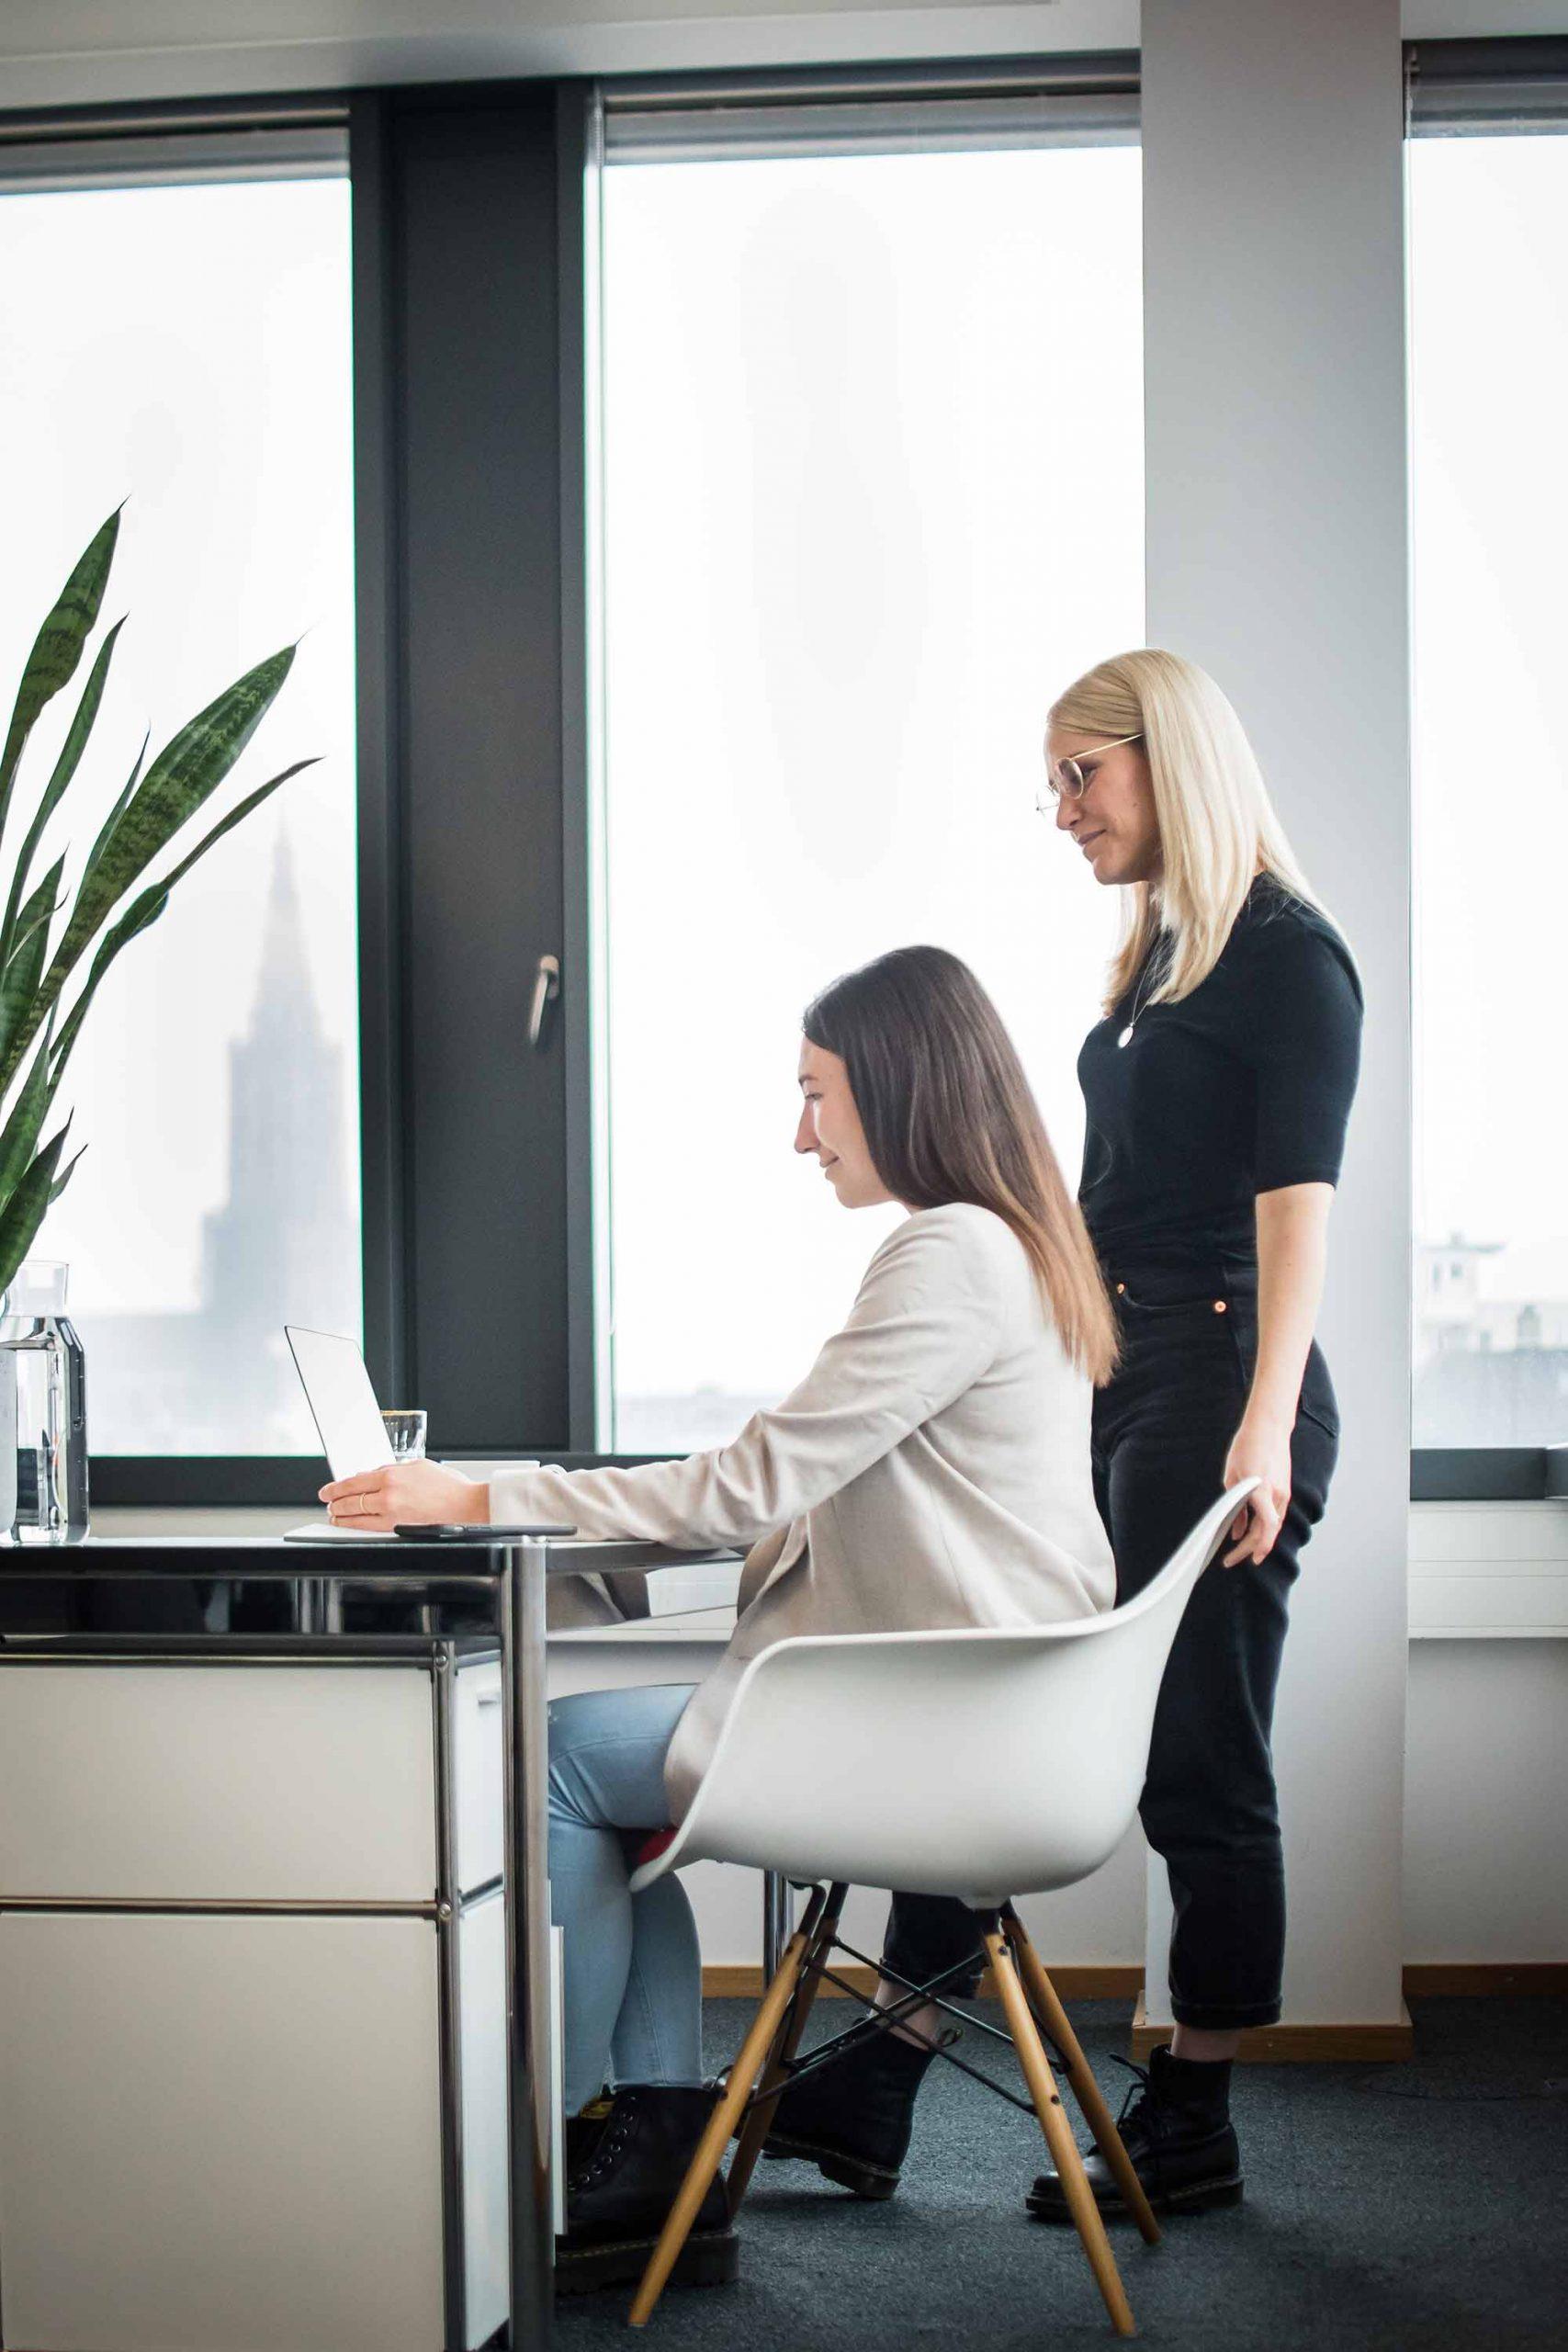 Karriere und Jobs Stellenausschreibungen bei NPG digital